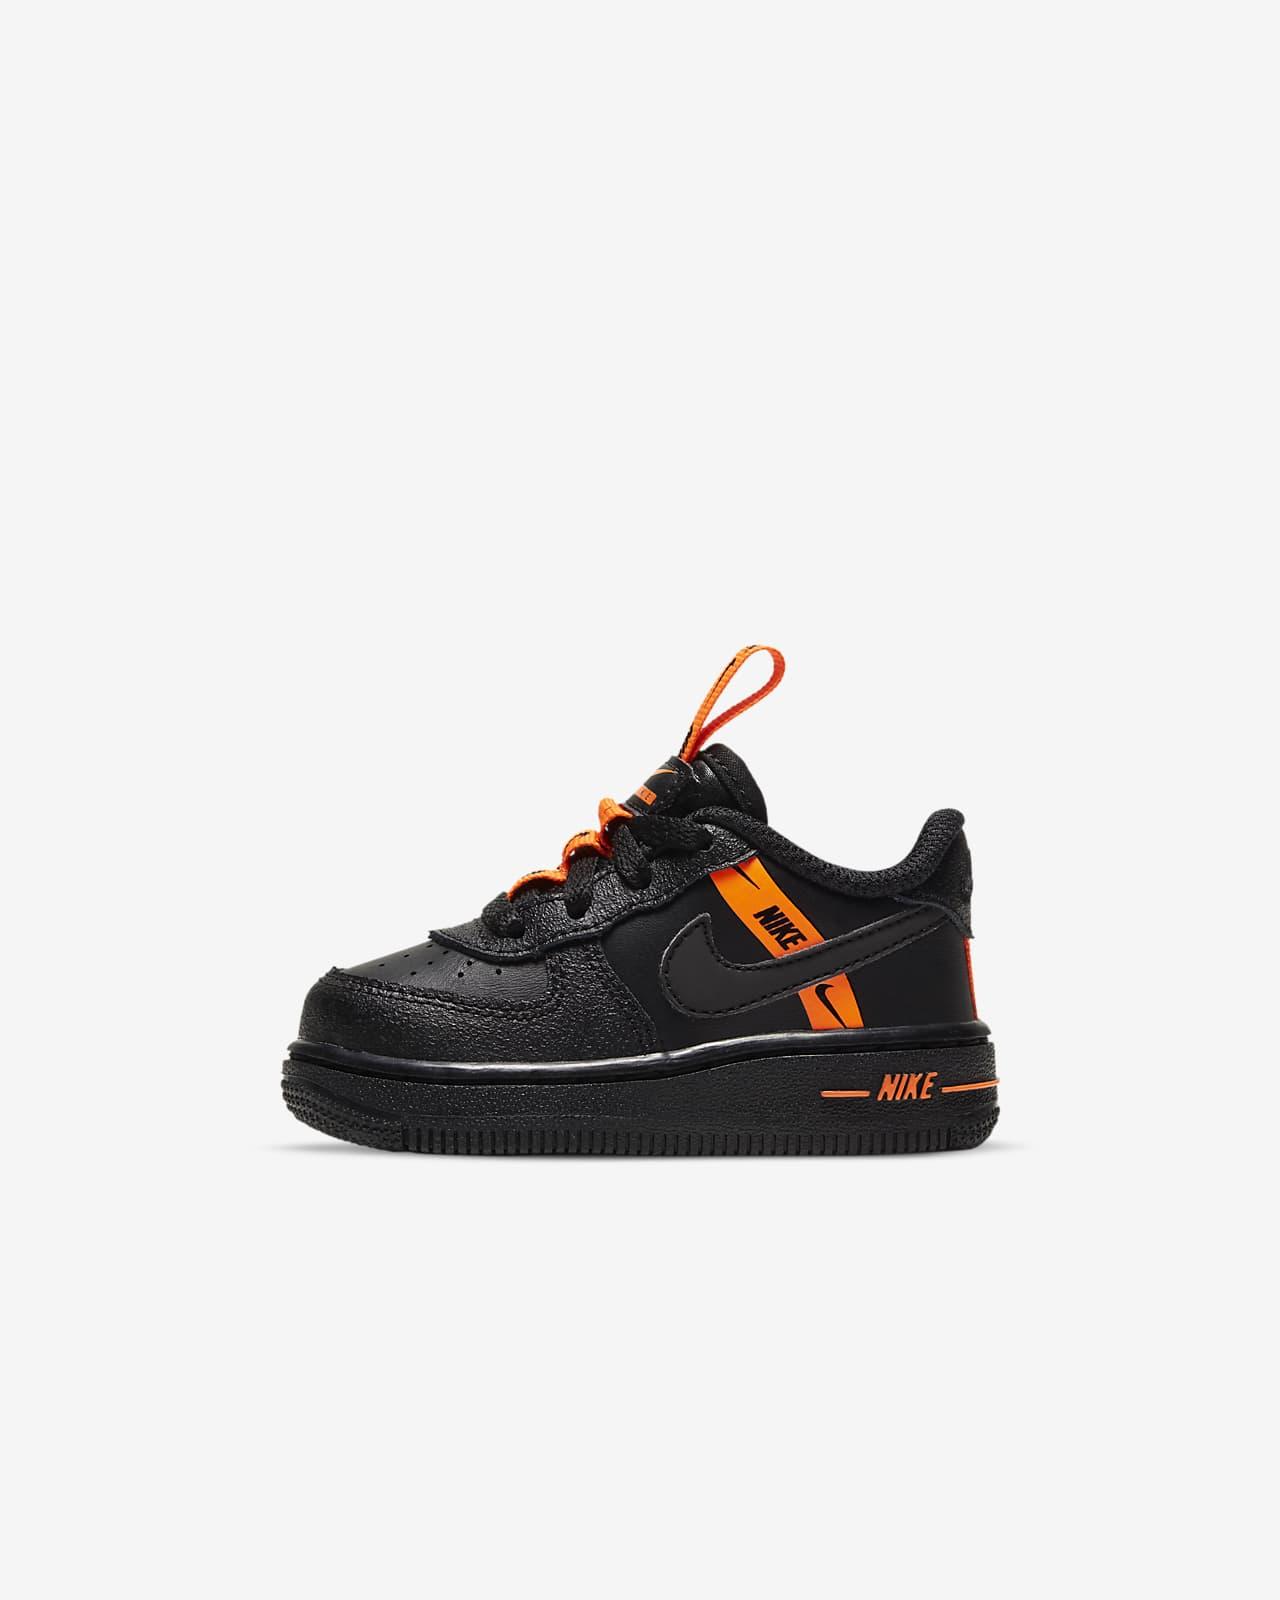 Nike Force 1 LV8 KSA Baby/Toddler Shoe